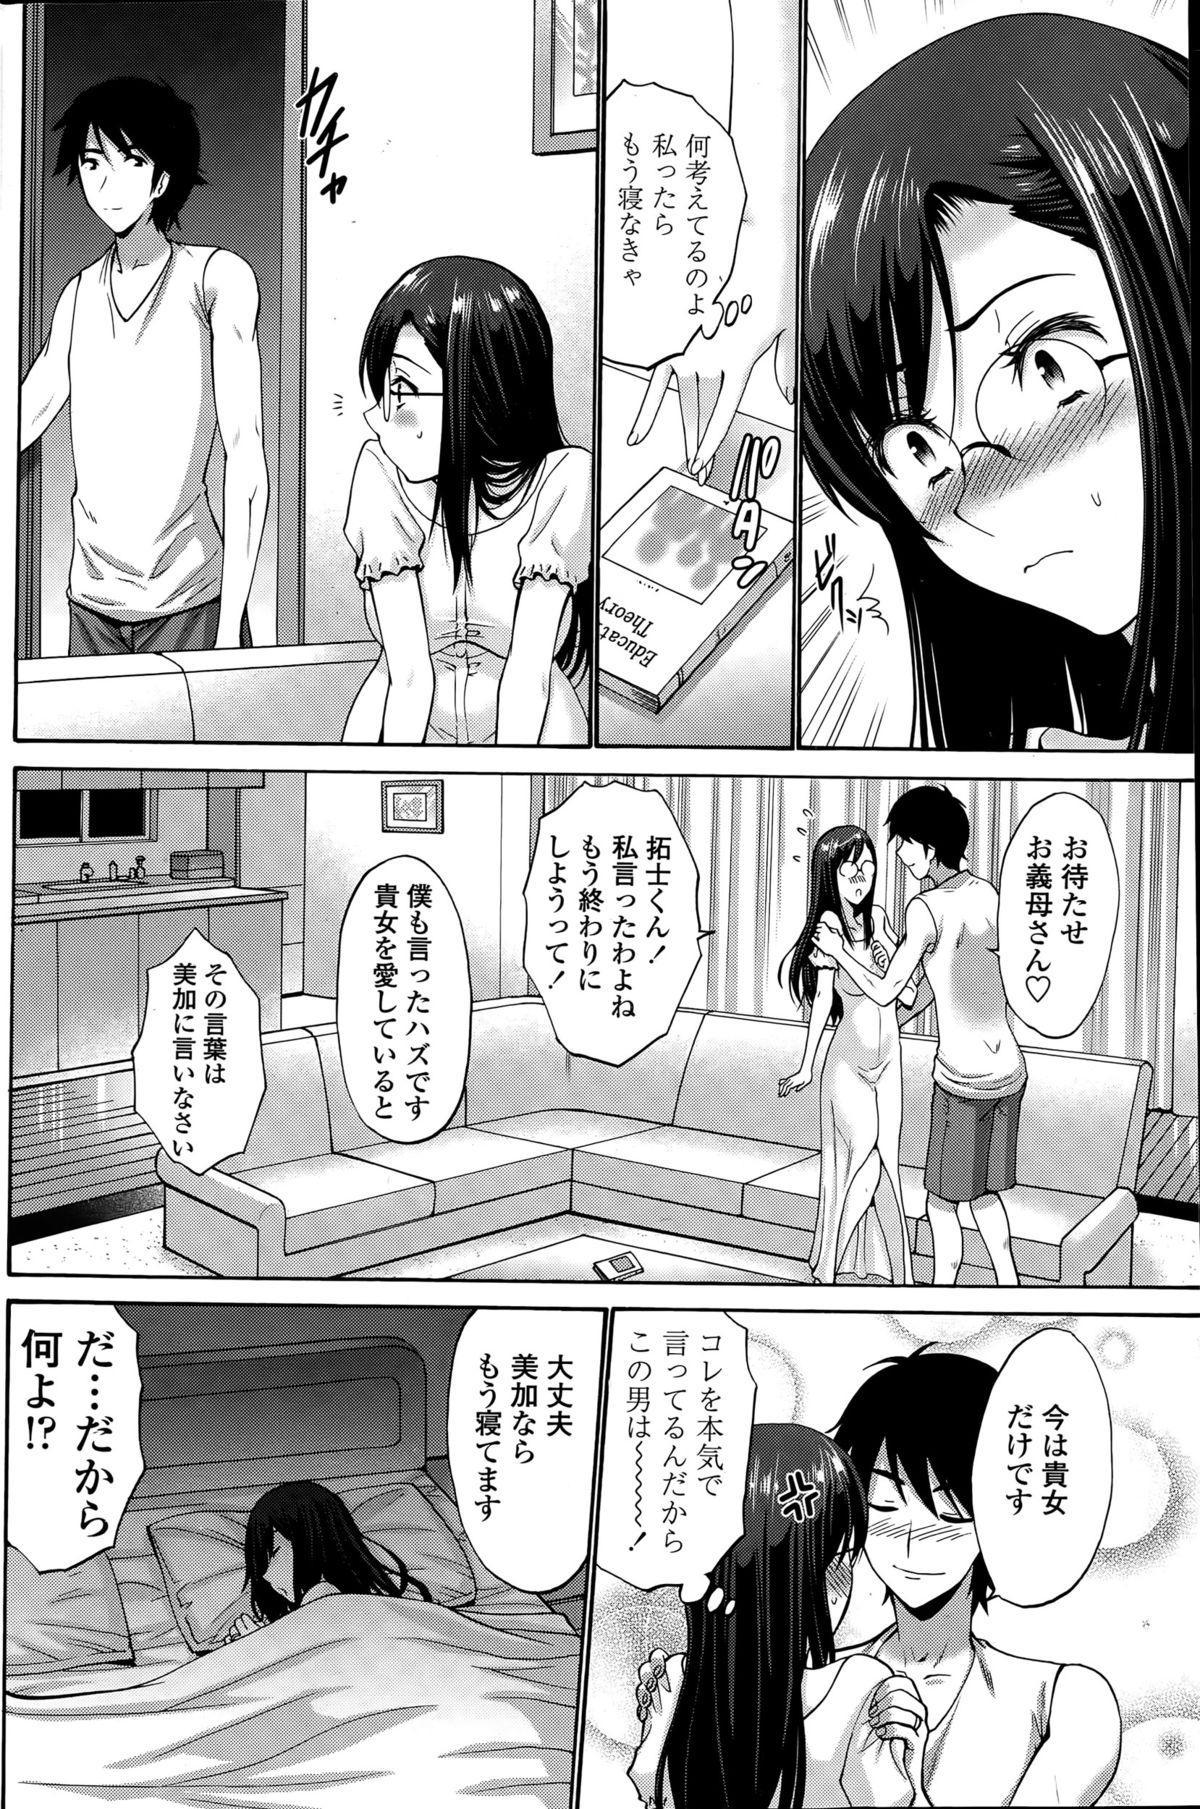 Musume no Kare 25